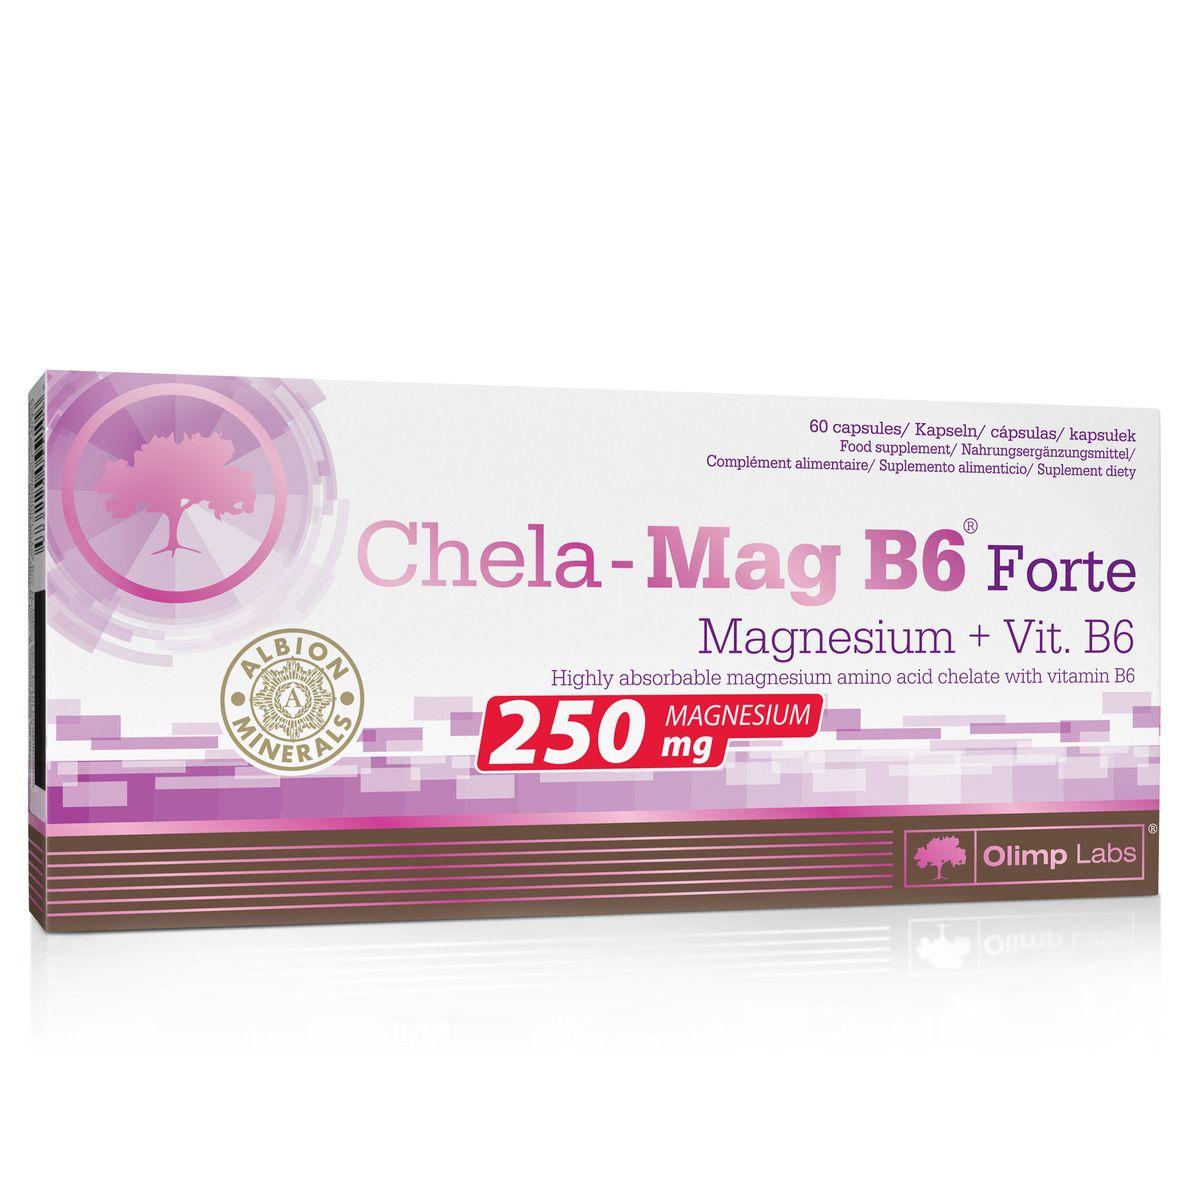 """Olimp Sport Nutrition """"Chela-Mag B6 Forte"""" - это препарат превосходного качества, восполняющий недостатки магния, награжденный золотой медалью ALBION. Это исключительный продукт, содержащий самую легко усвояемую форму магния: аминокислотный хелат (бис- глицинат магния) в увеличенной дозировке - 1390 мг хелата магния в одной капсуле. Дополнительно препарат обогащен витамином B6, который совместно с магнием принимает участие в метаболических процессах и усиливает действие. Olimp Sport Nutrition """"Chela-Mag B6 Forte"""" помогает удовлетворить потребность в магнии- элементе, необходимом при интенсивной силовой нагрузке, участвующем в энергетических процессах, пост- тренировочной регенерации, увеличивающим также сопротивляемость стрессу. Комплекс повышает адаптационные способности организма, обладает успокоительным действием, нормализует сон, не оказывая при этом снотворного эффекта.   Рекомендации по применению: принимайте 1 капсулу за 30-45 минут до сна.    Состав: магния bisglycinate (магний аминокислота хелат ALBION), мальтодекстрин, стеарат магния, Витамин B6, капсула-желатин.    Товар сертифицирован.    Как повысить эффективность тренировок с помощью спортивного питания? Статья OZON Гид"""